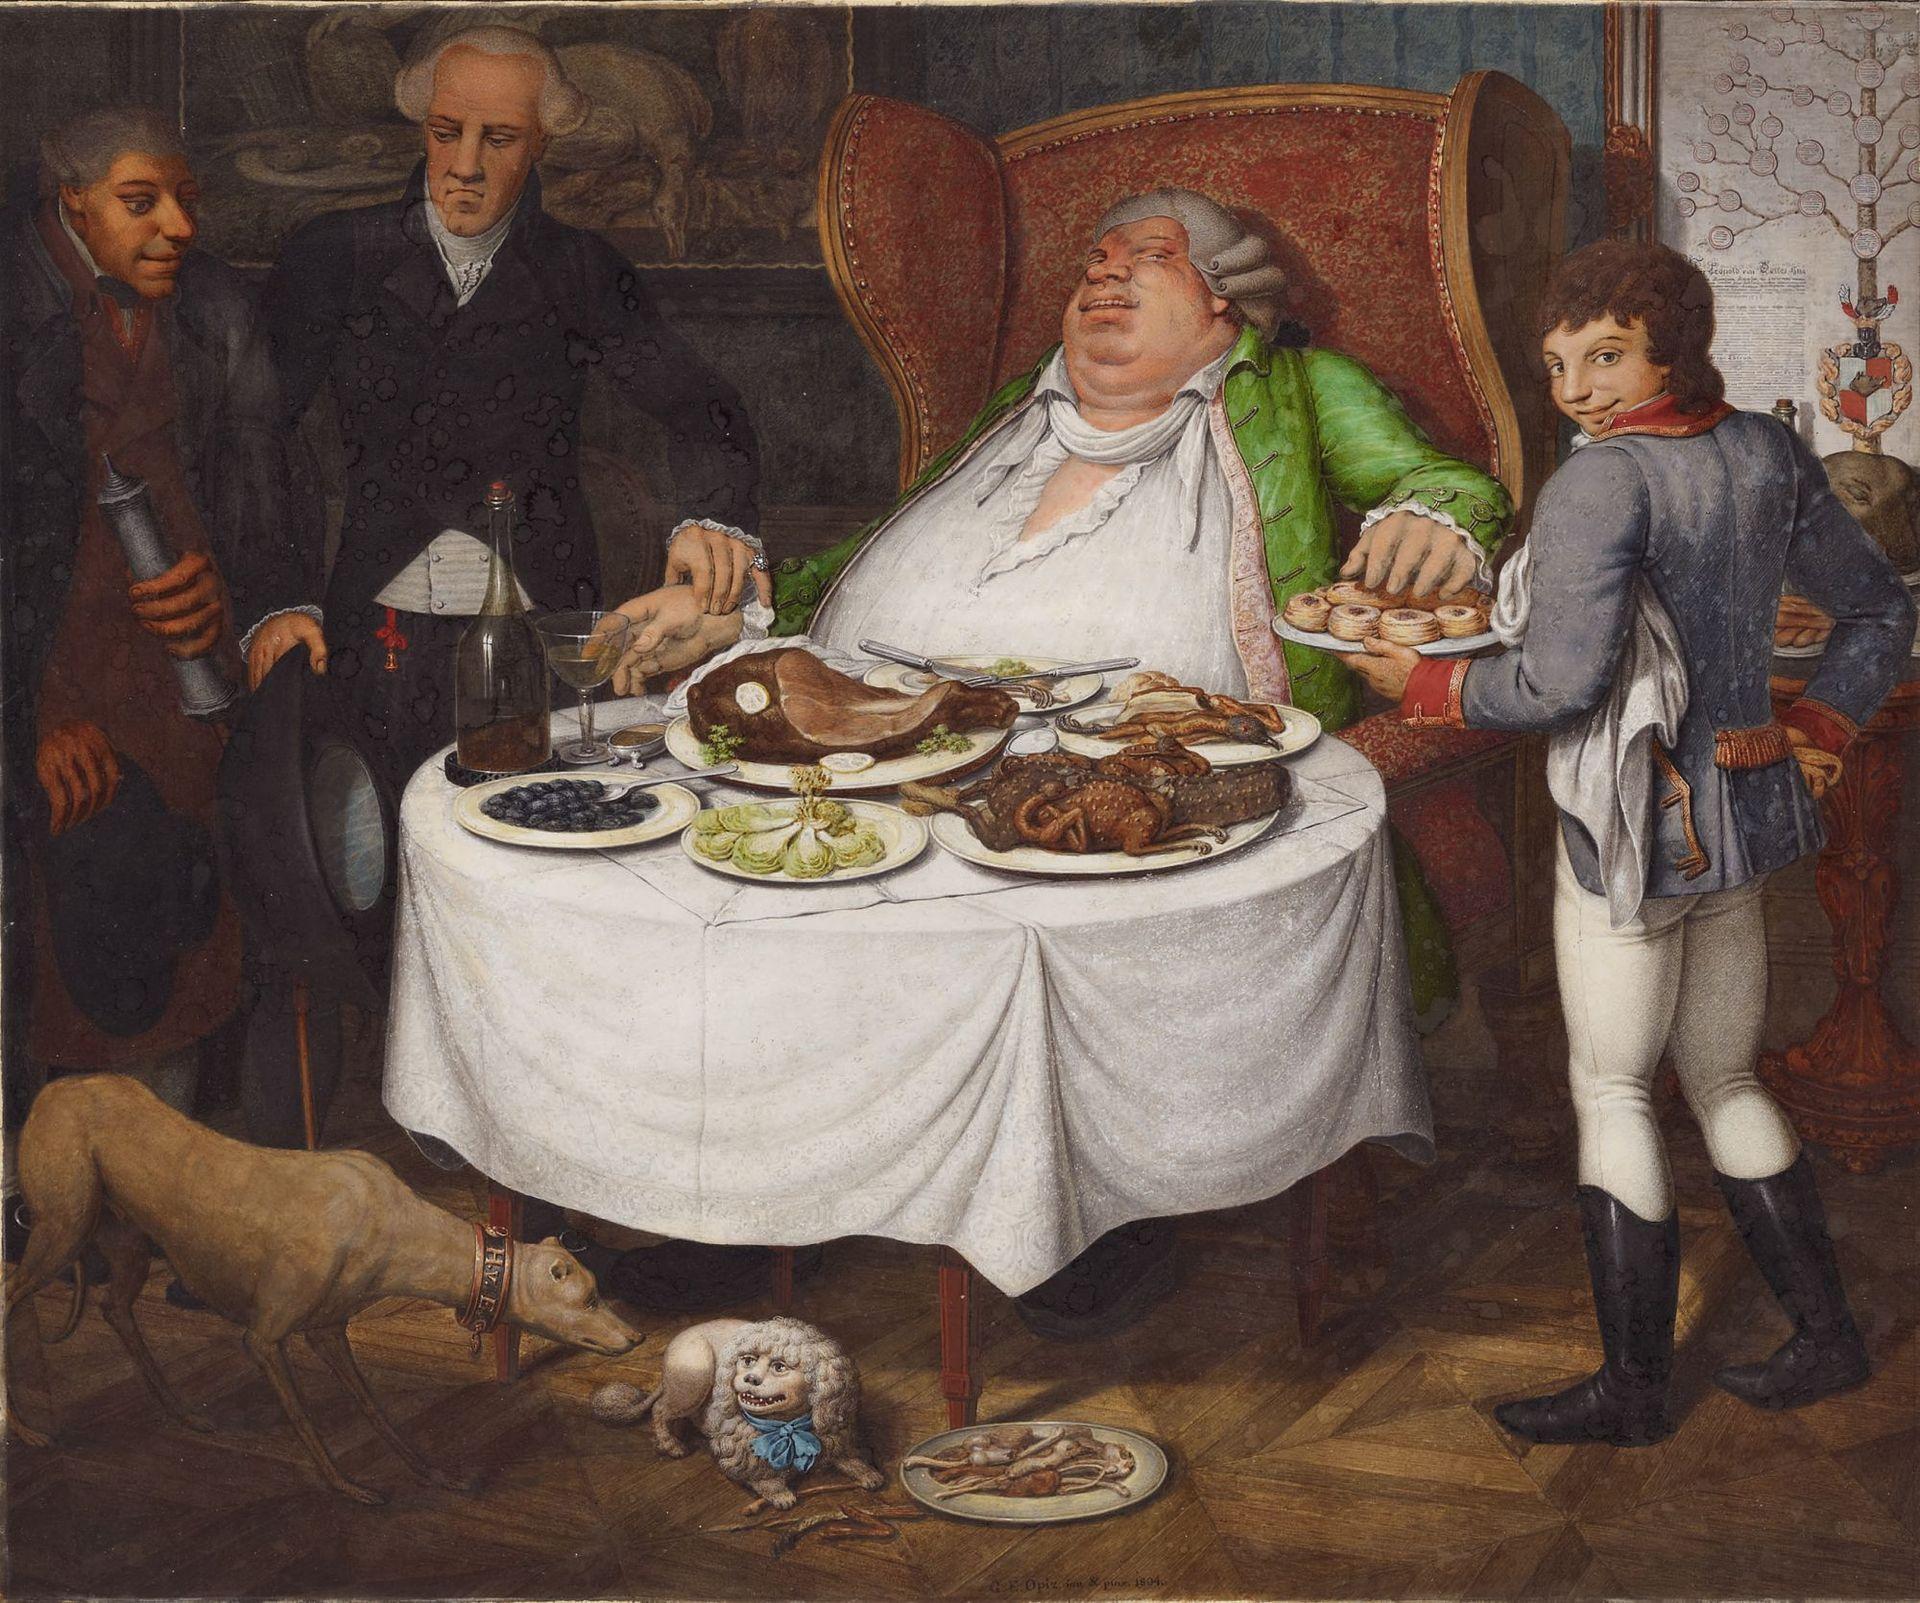 Georg_Emanuel_Opiz_Der_Völler_1804